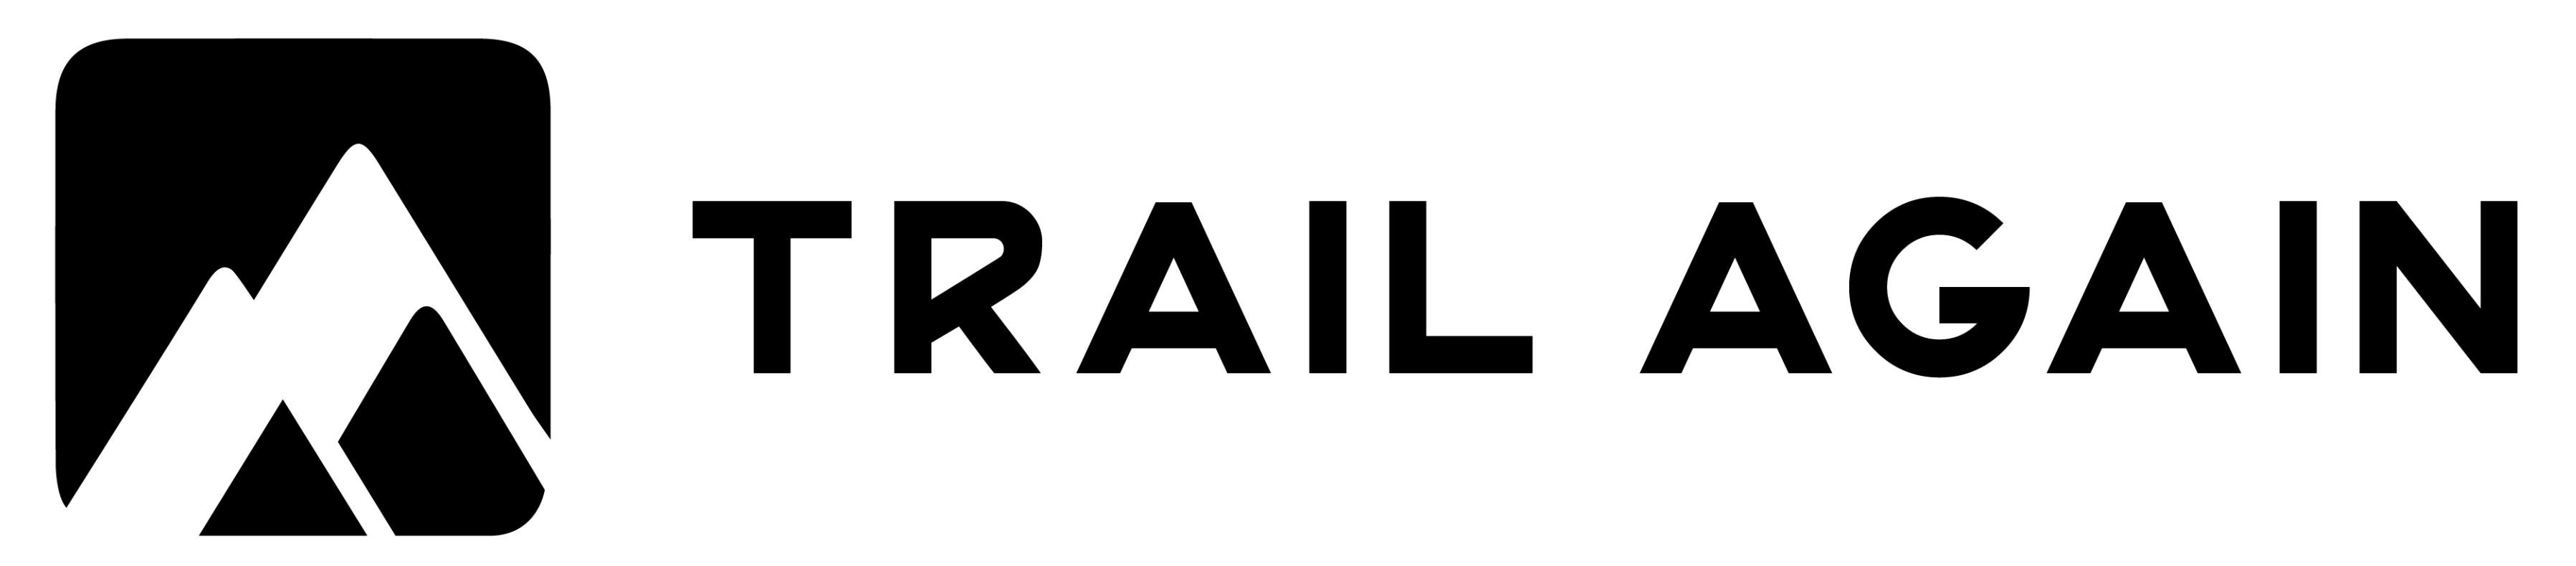 Trail-Again new logo